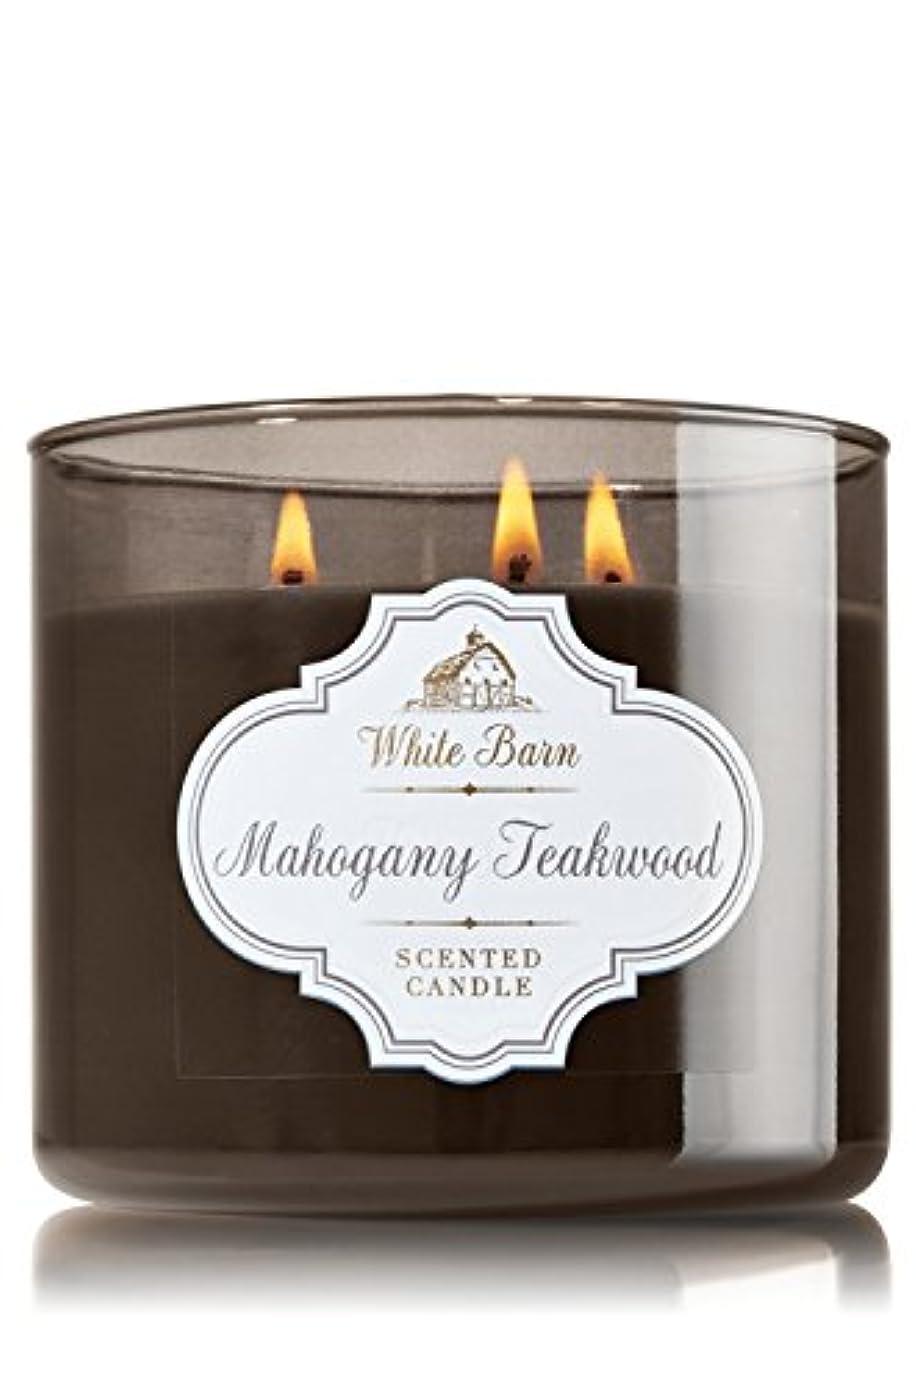 等四半期壊れた1 X Bath & Body Works White Barn Mahogany Teakwood Scented 3 Wick Candle 14.5 oz./411 g by Bath & Body Works